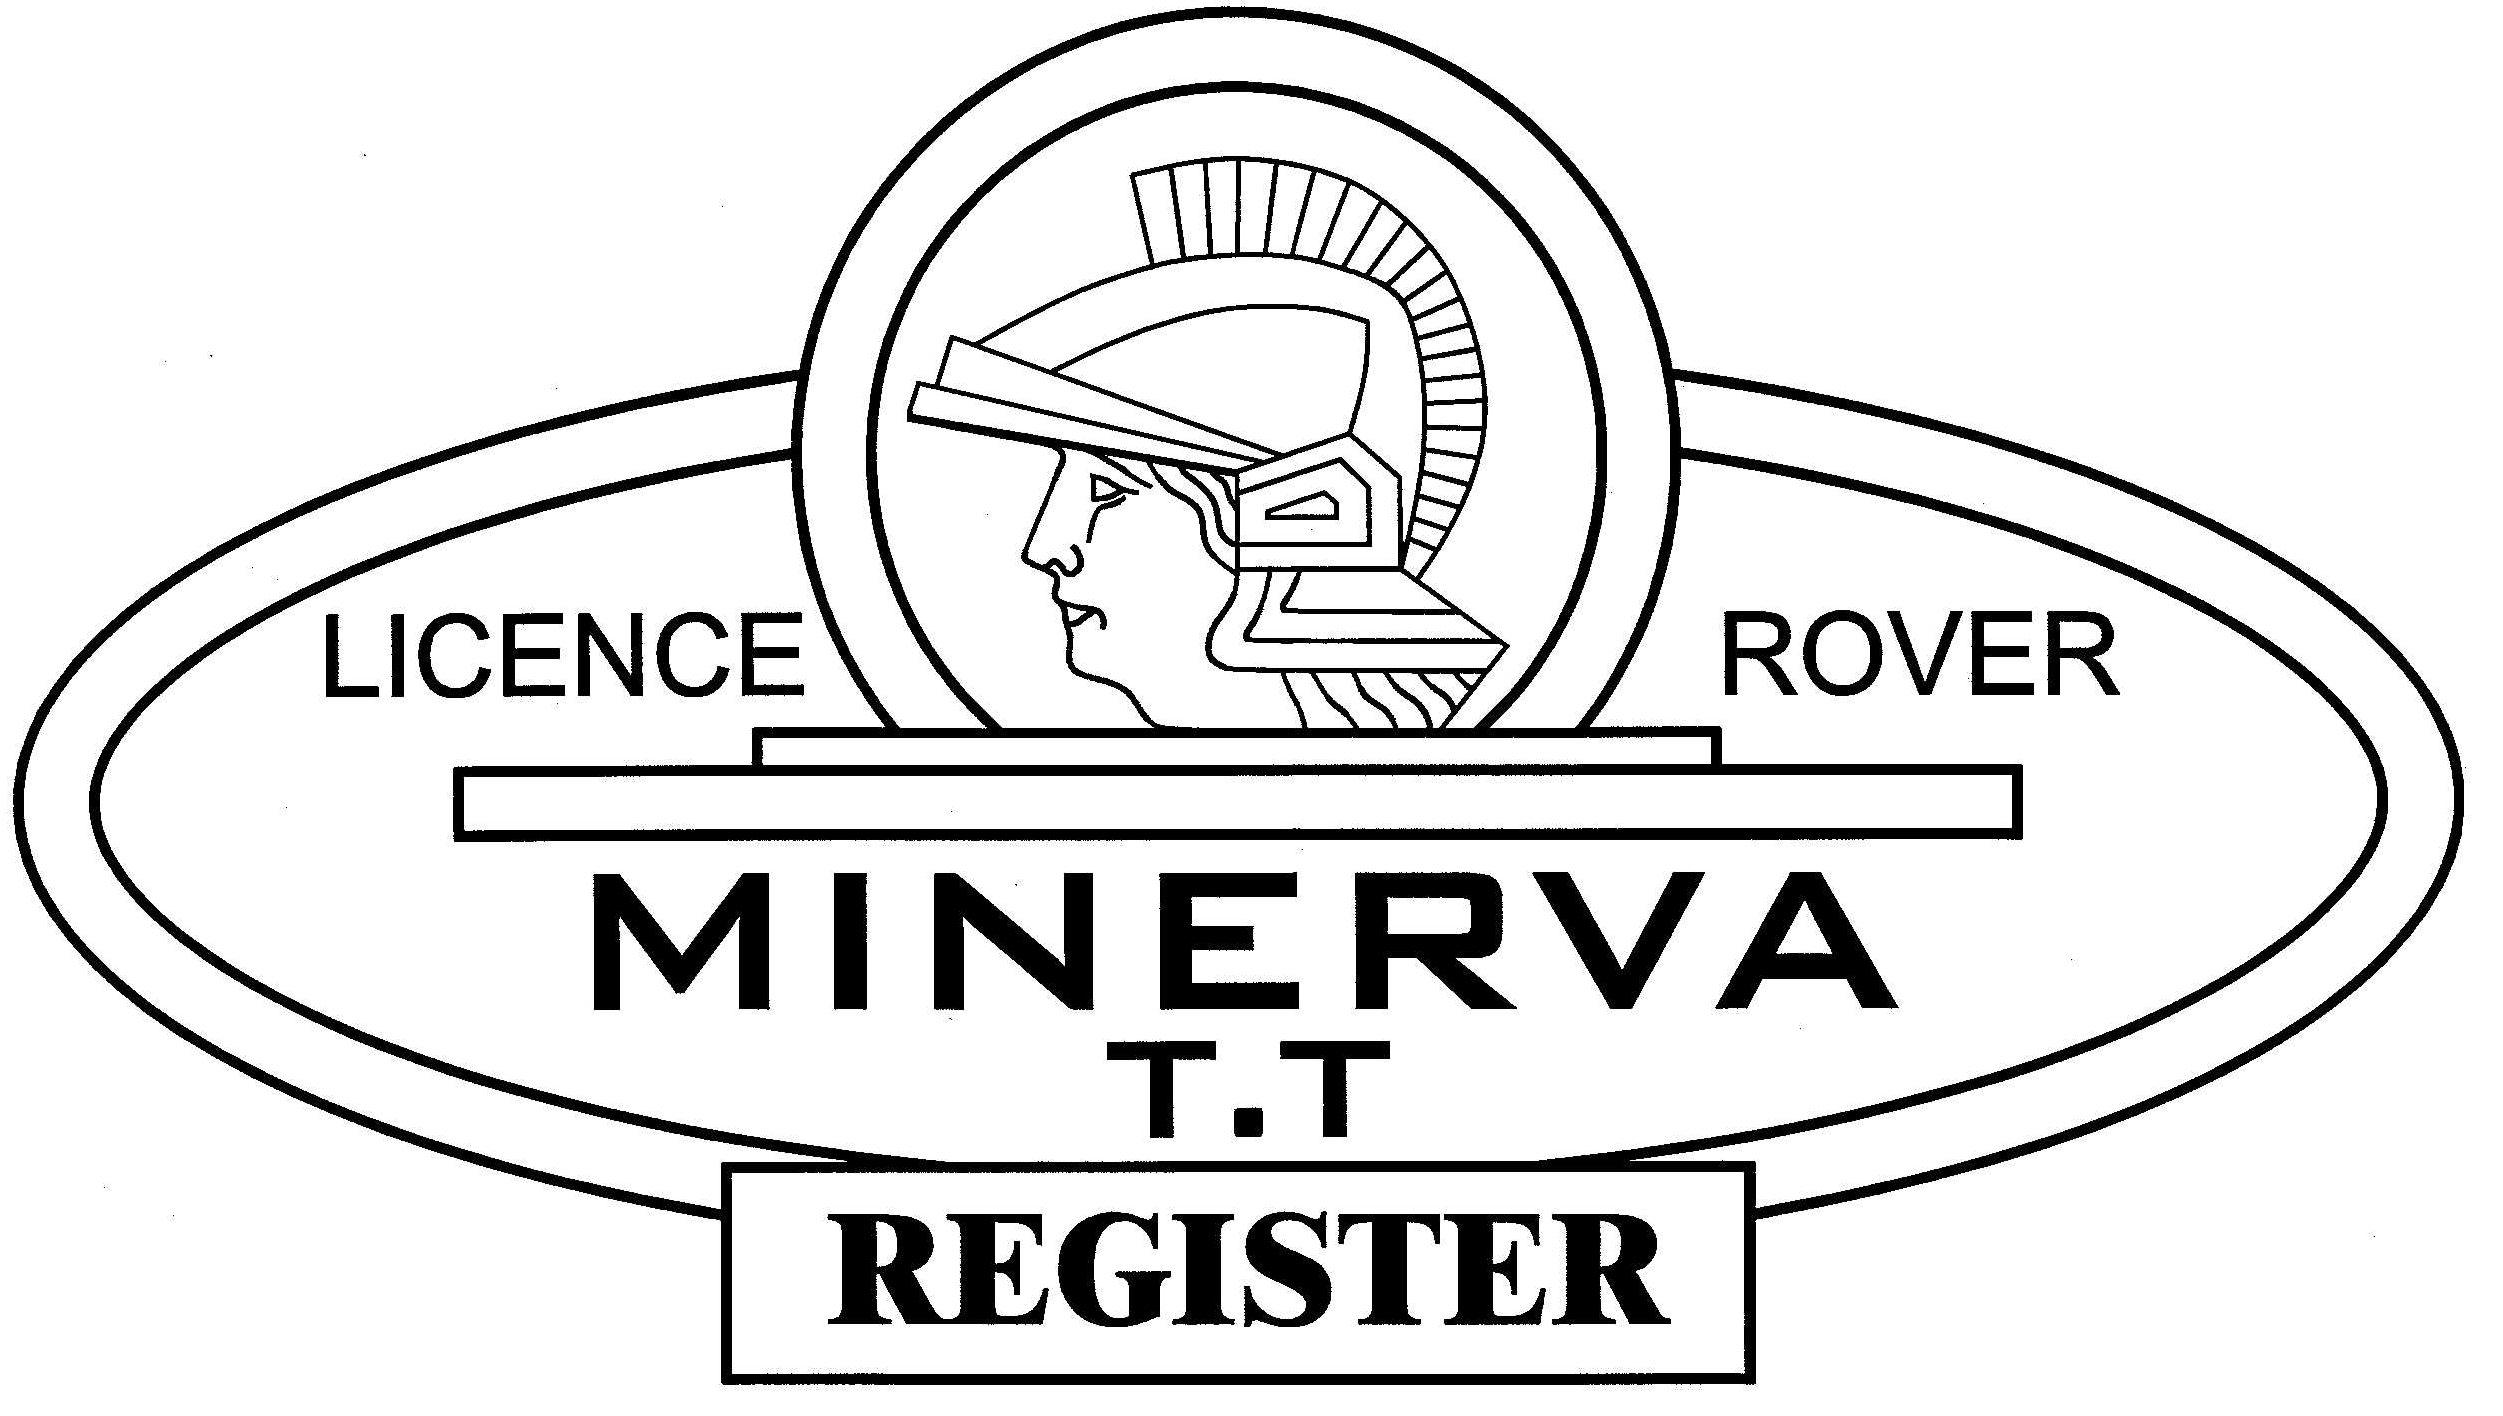 Minerva TT Register